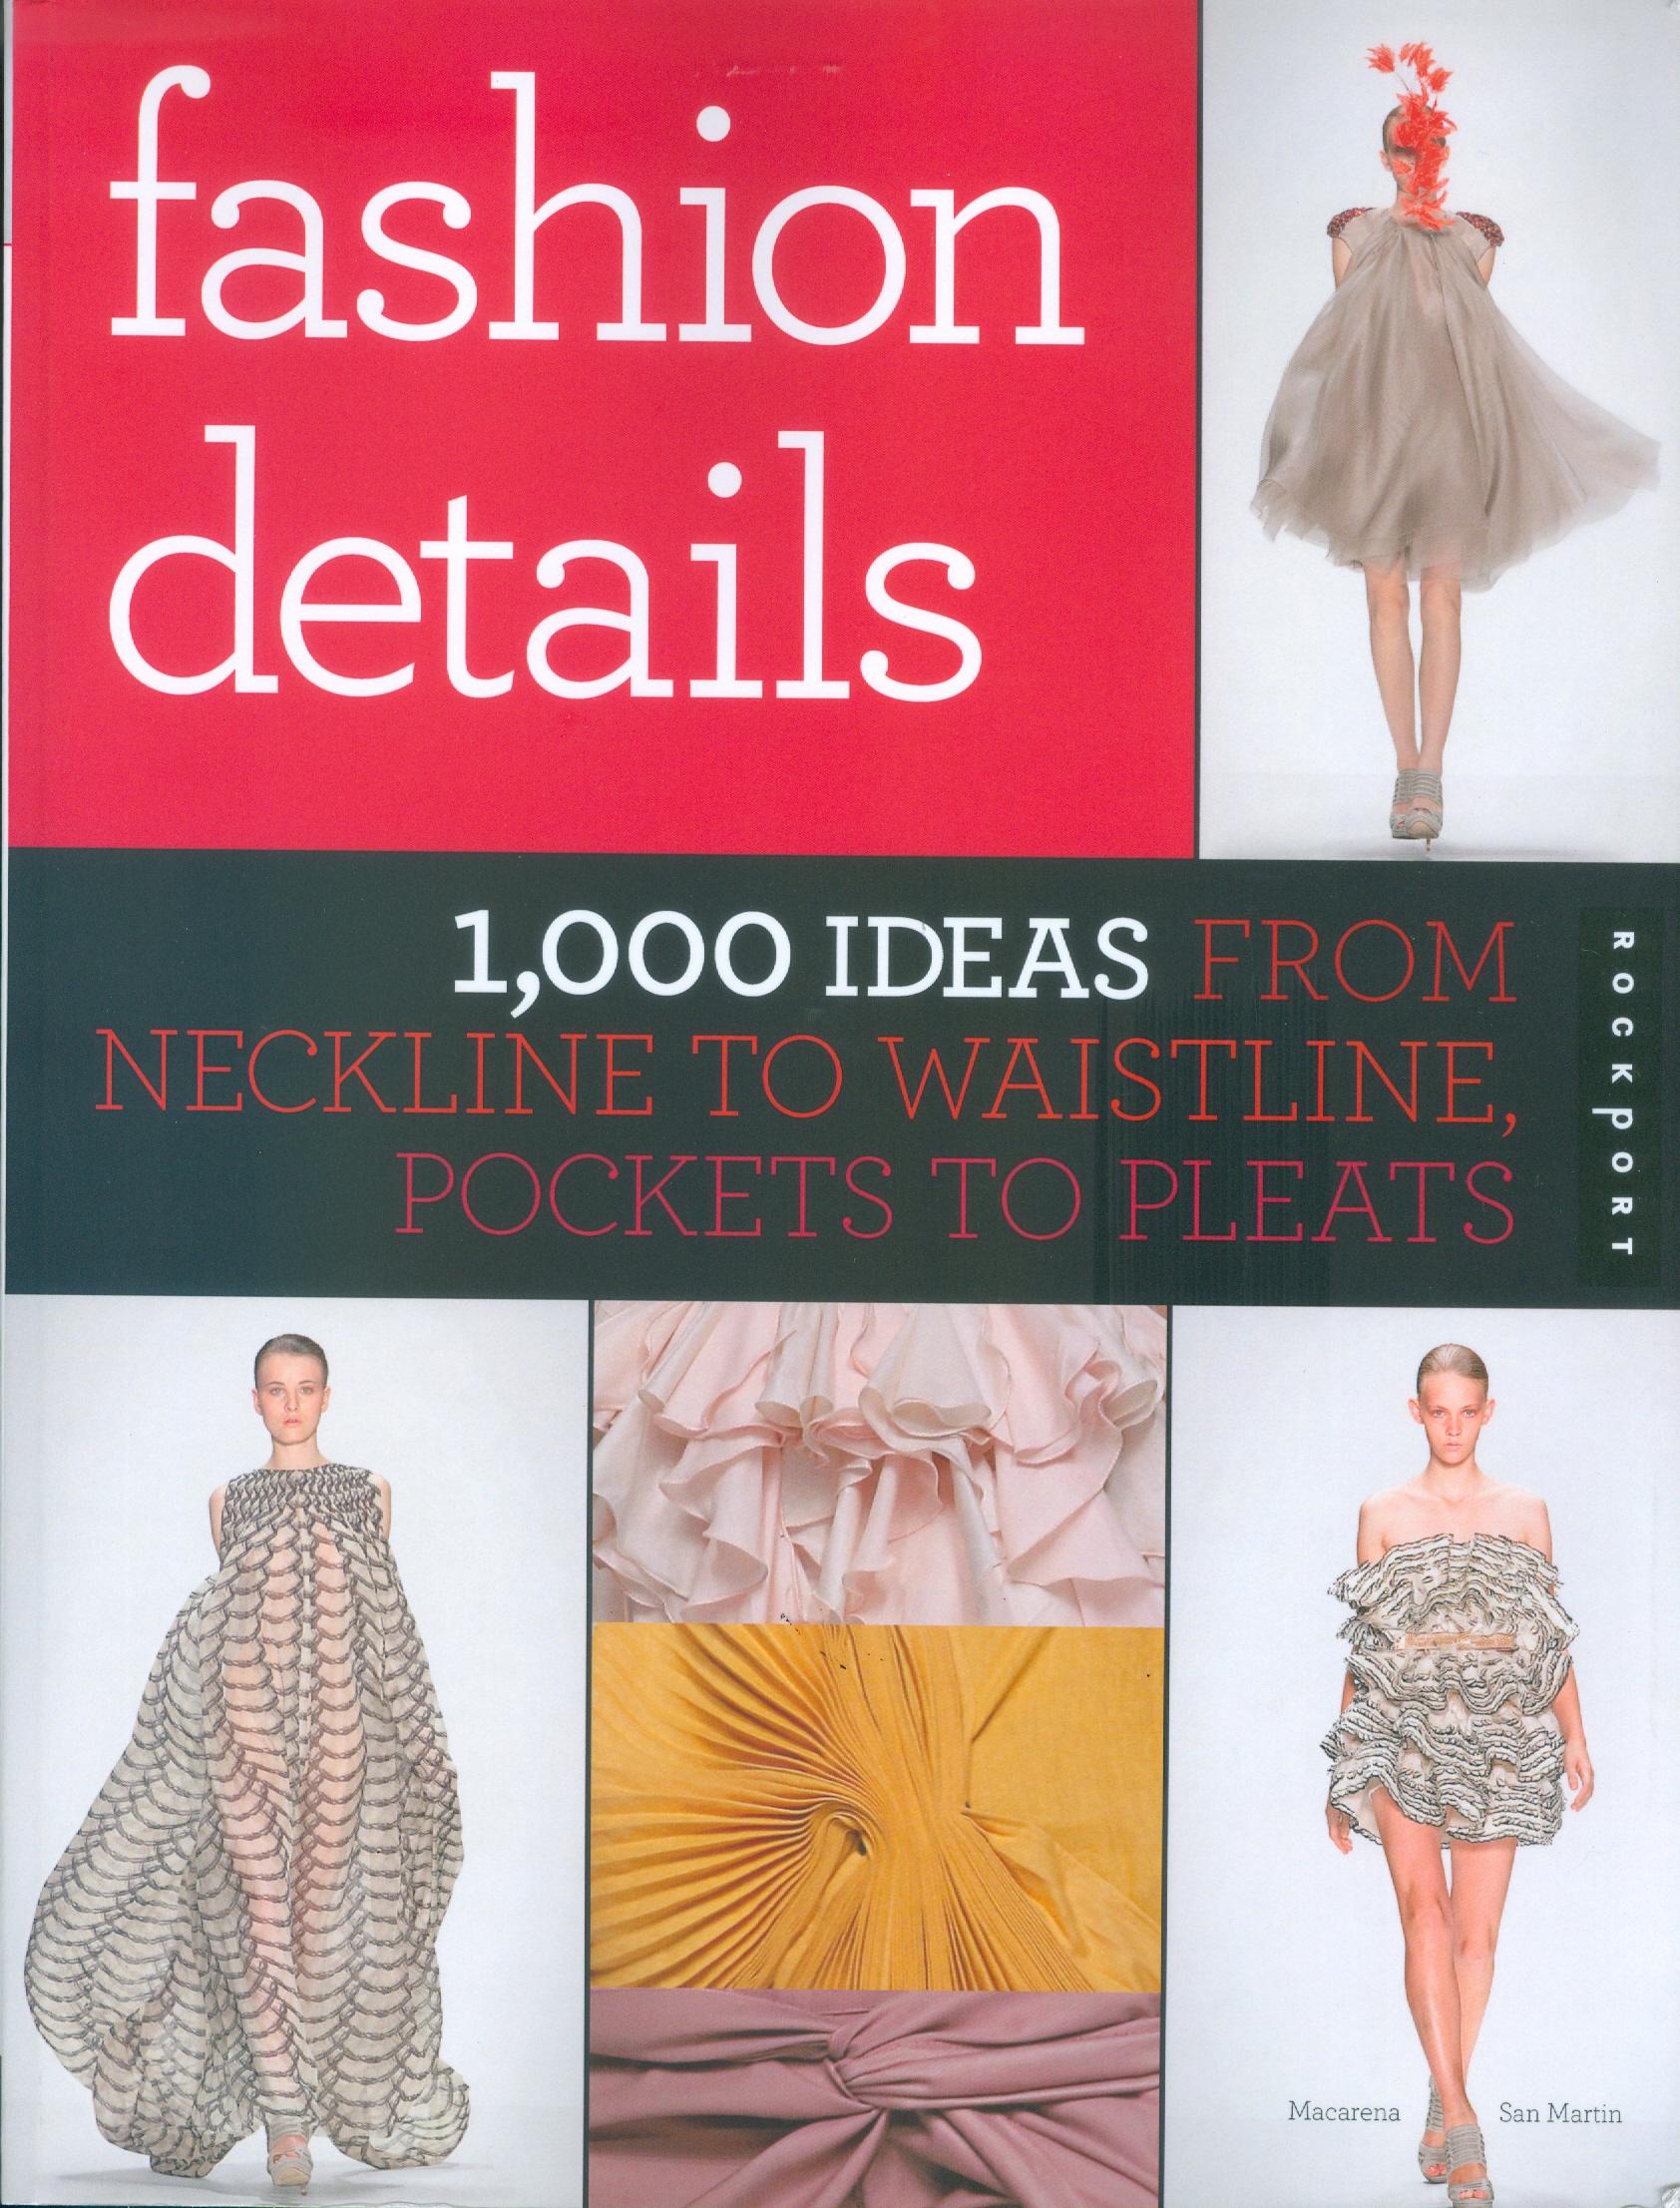 fashion details0001.jpg